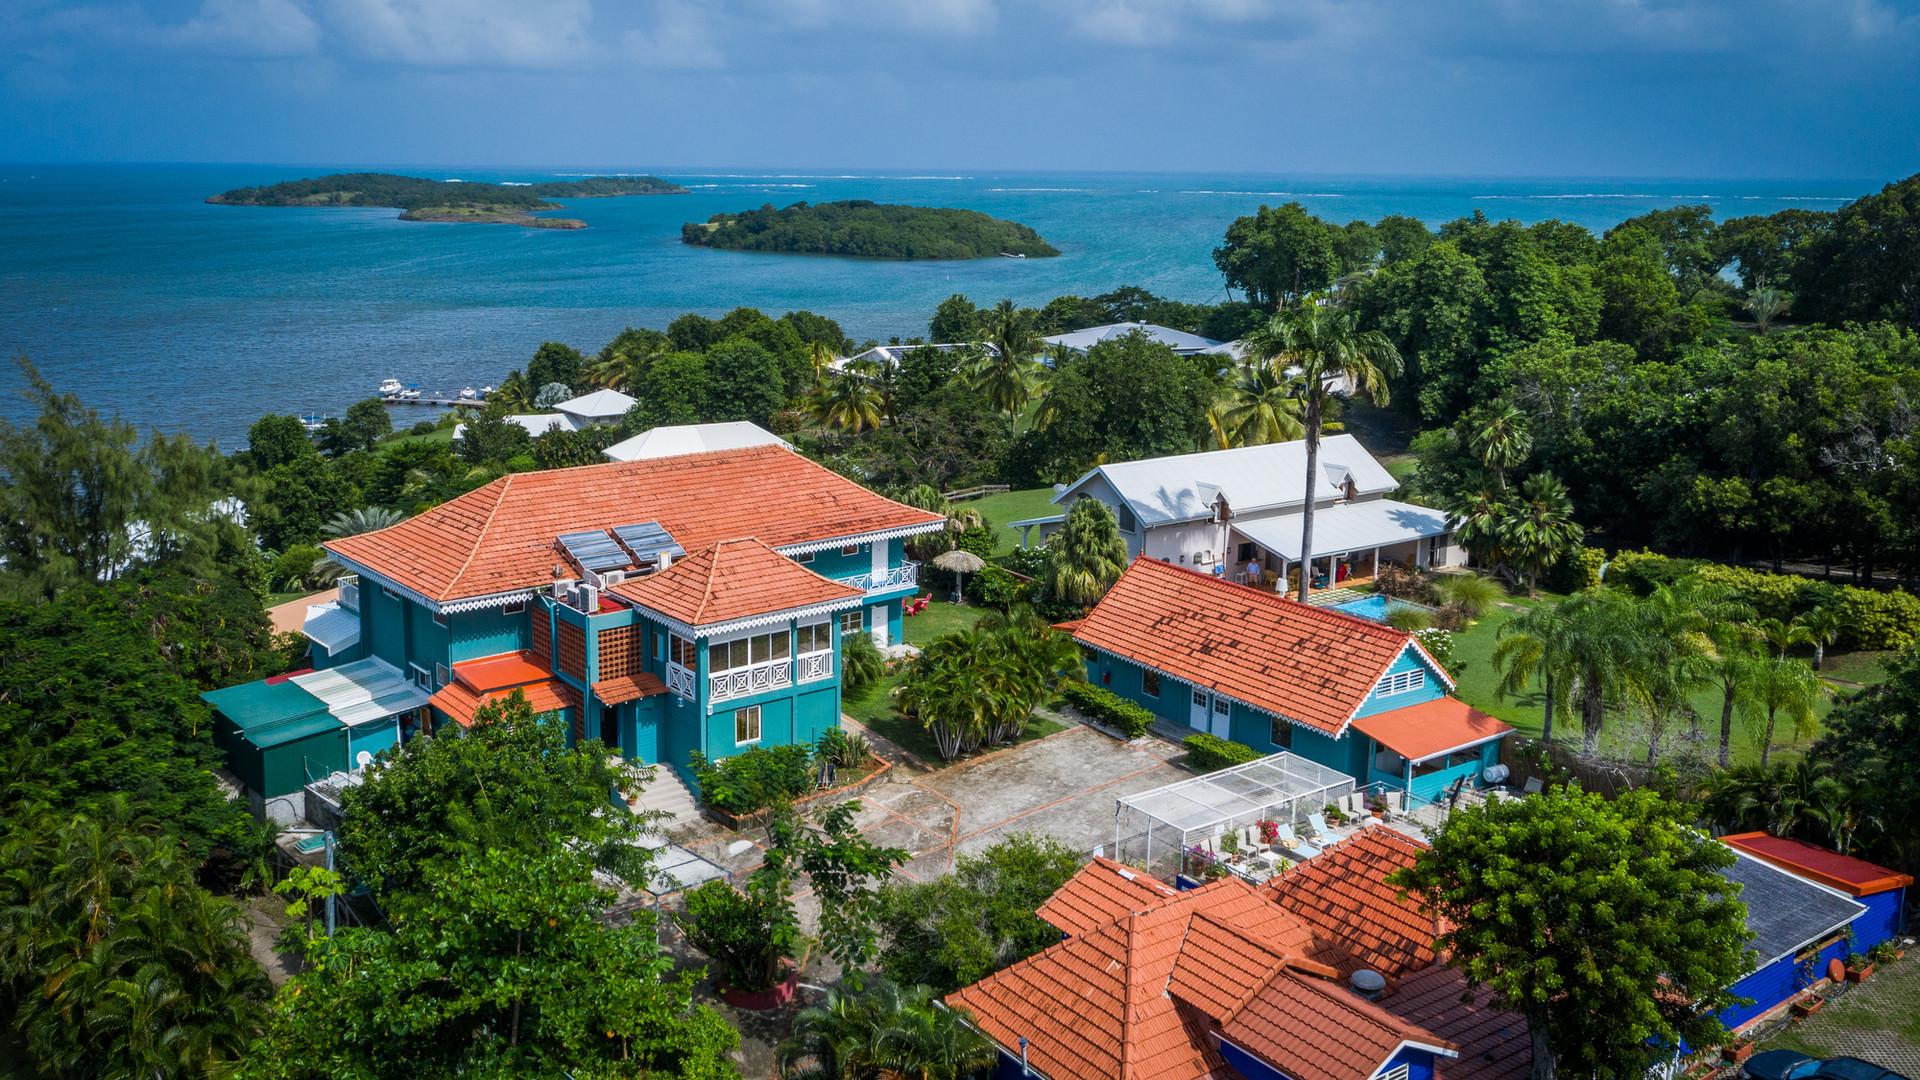 Vue aerienne drone Hôtel Frégate bleue Martinique